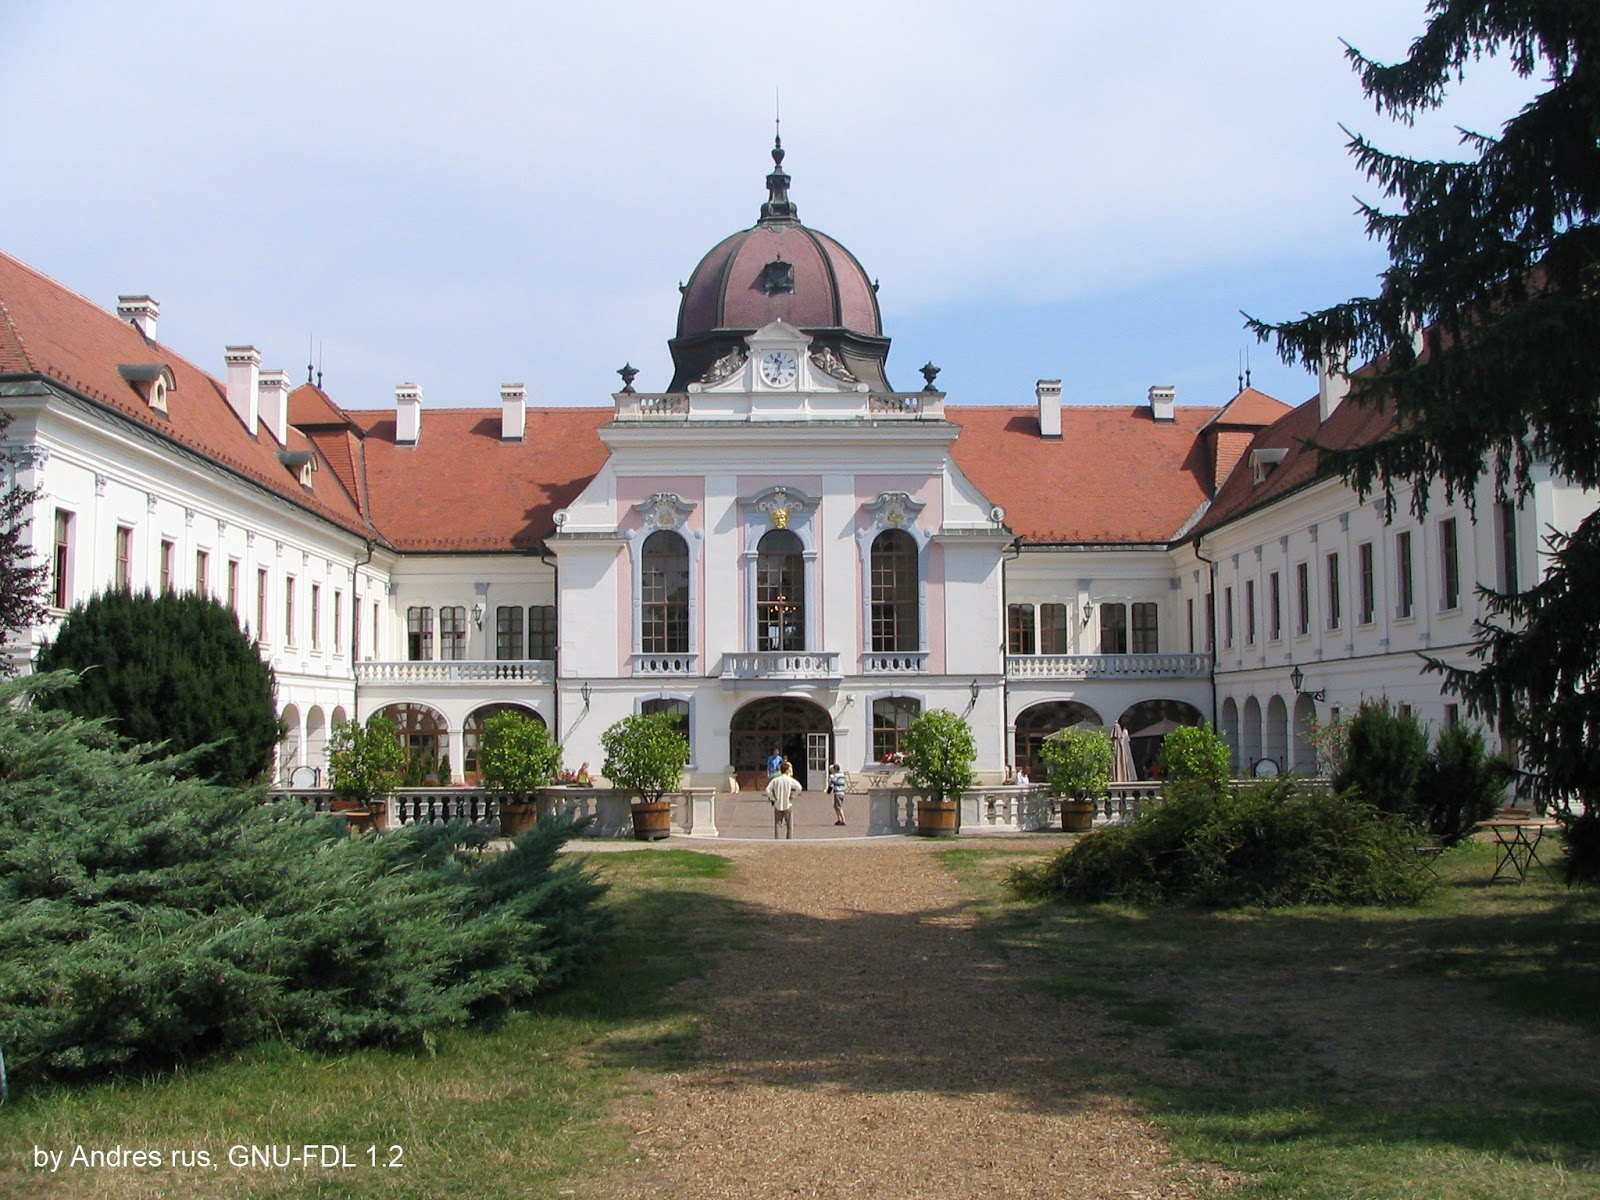 Europa Deine Schl 246 Sser Sissy Schloss G 246 D 246 Ll 246